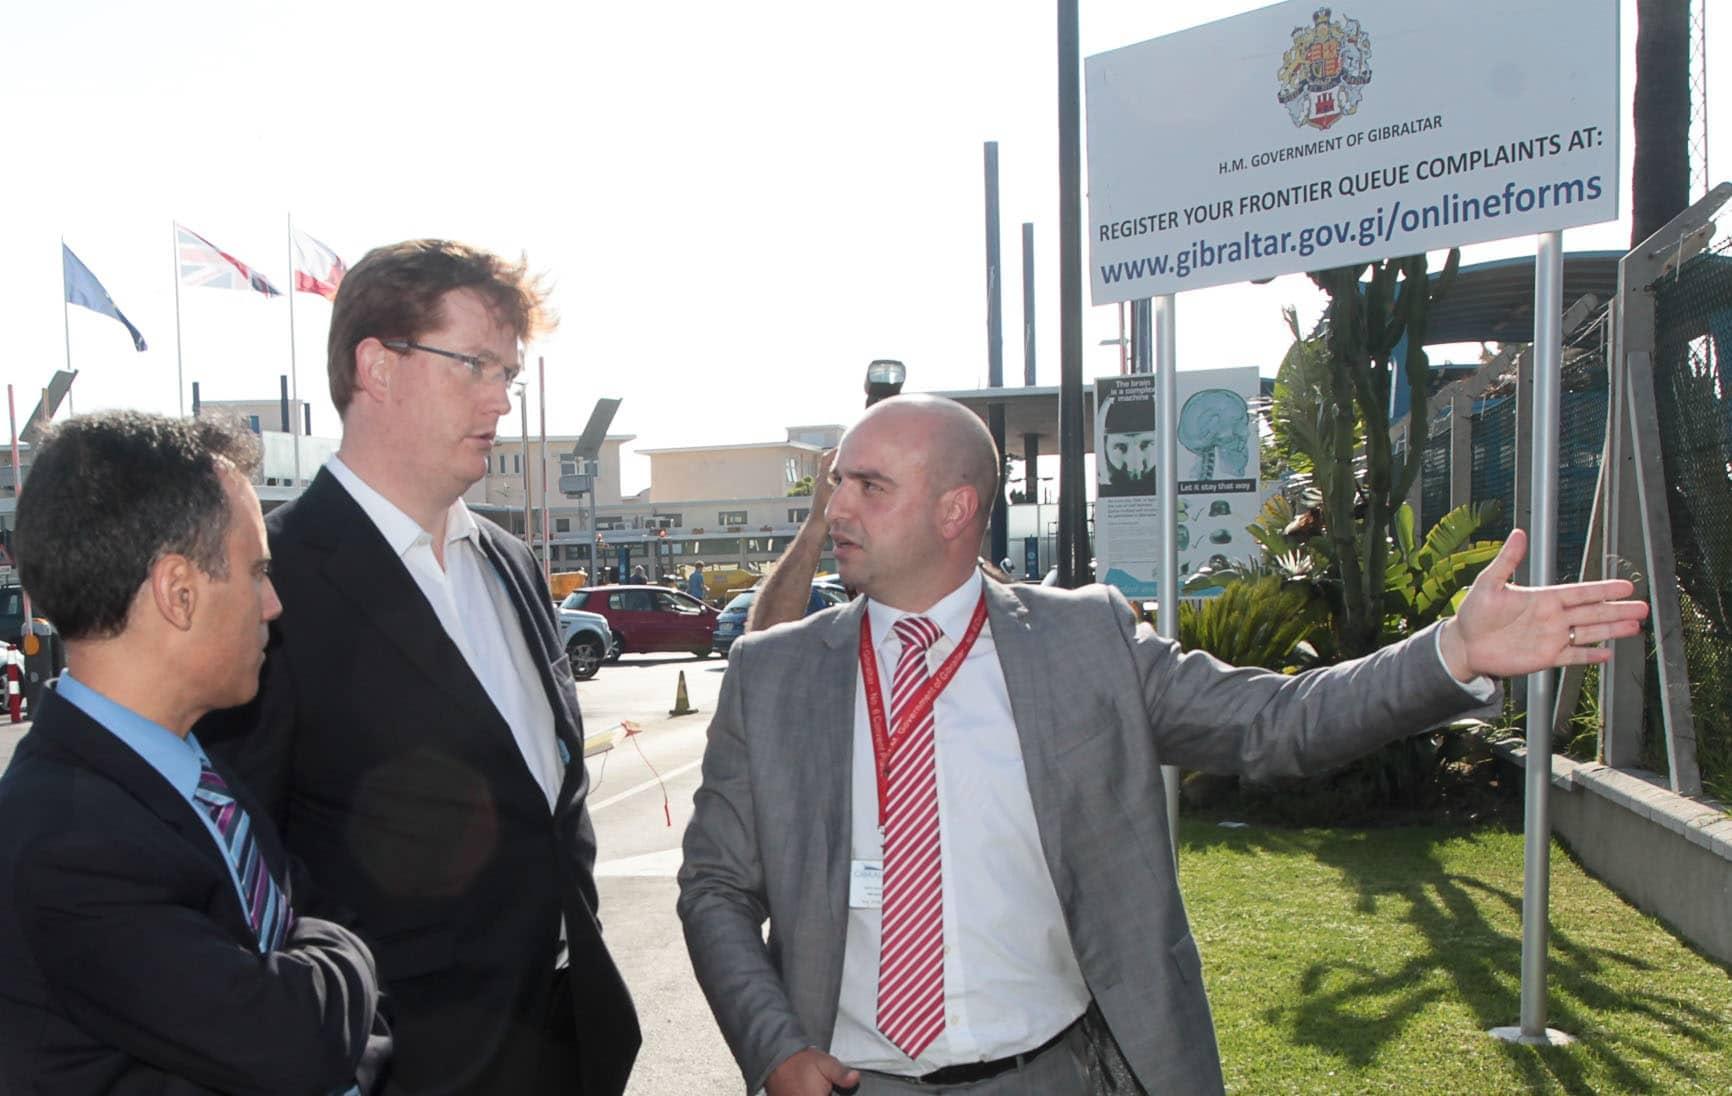 9-mayo-2014-visita-a-gibraltar-del-secretario-de-estado-britnico-daniel-alexander-con-ocasin-del-da-de-europa_14168309294_o